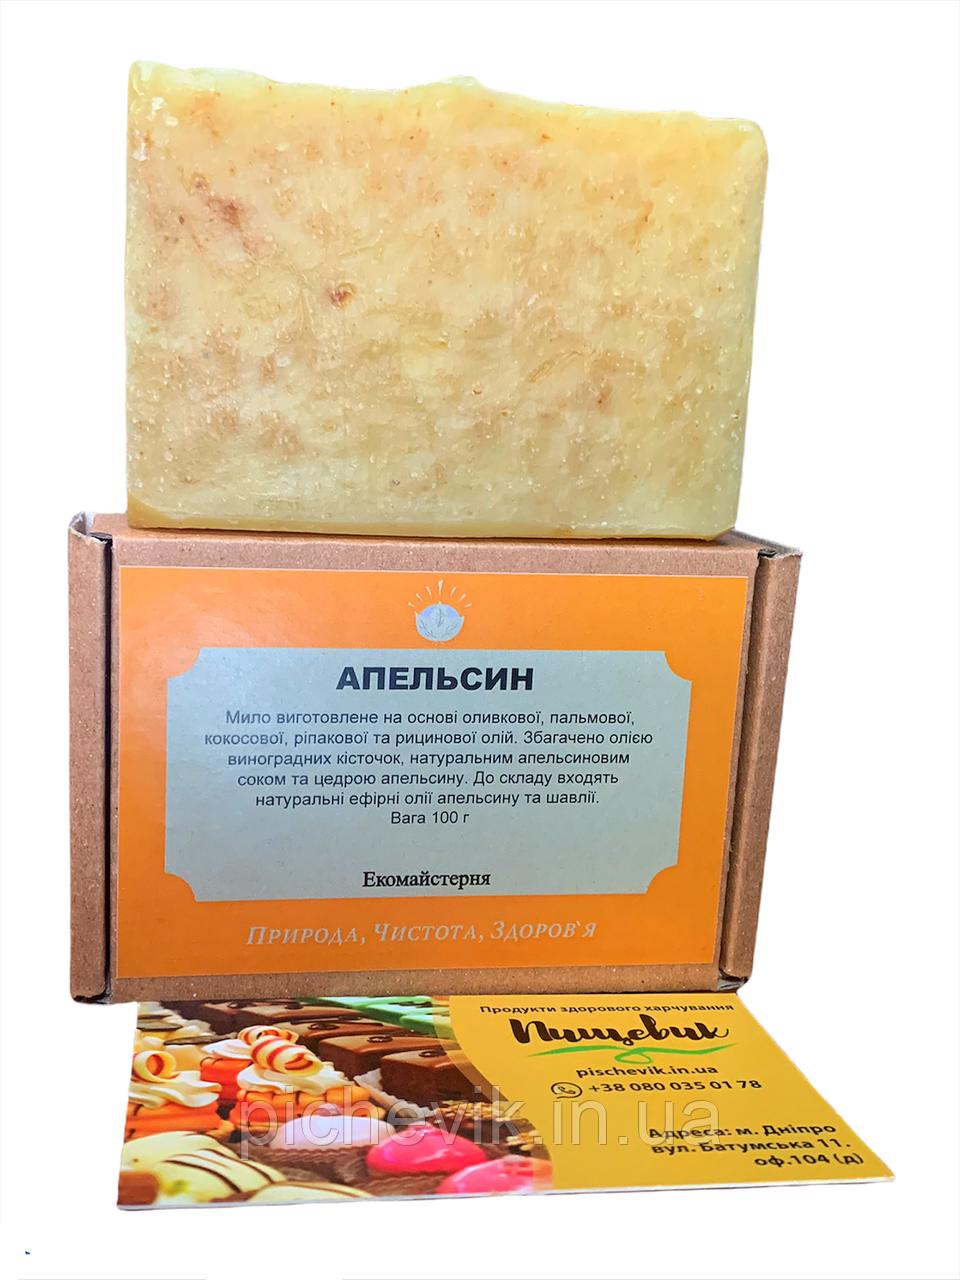 Натуральное мыло Апельсин/Orange (Украина) Вес:100 грамм